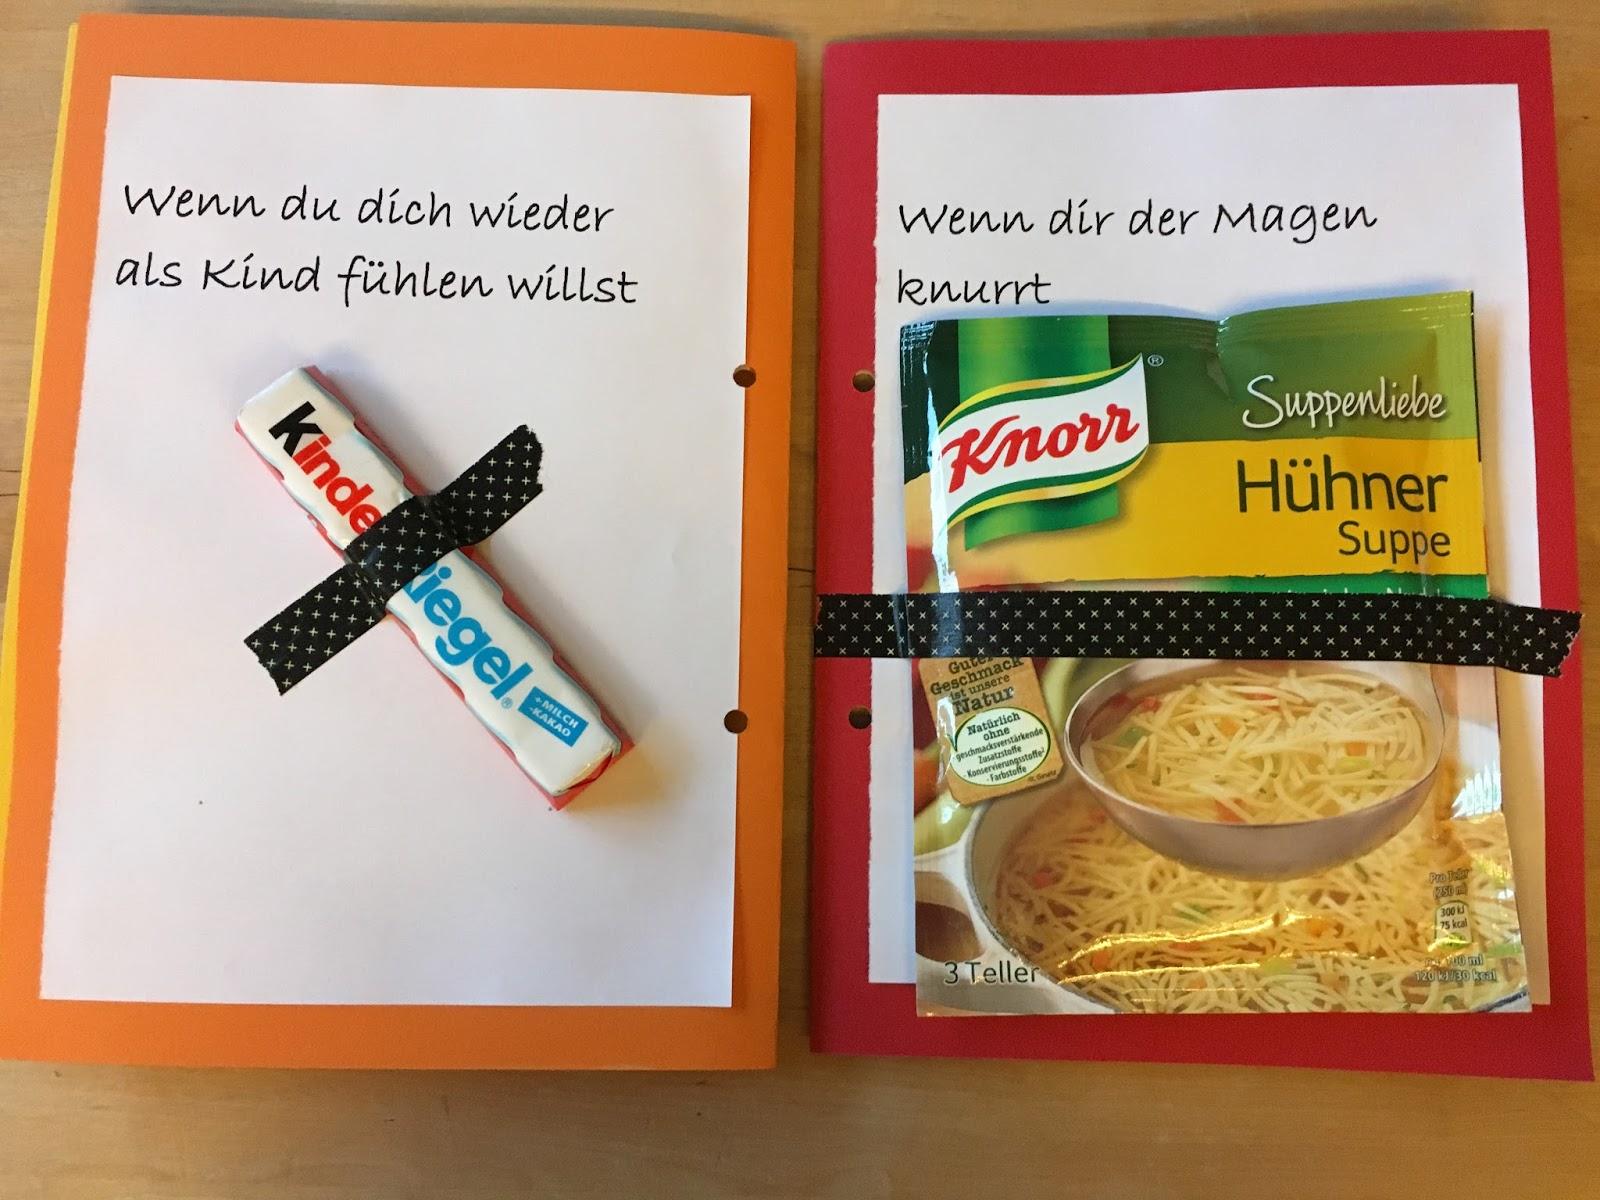 Birgit schreibt geschenkidee wenn buch - Geschenke zum 18 geburtstag selber machen ...